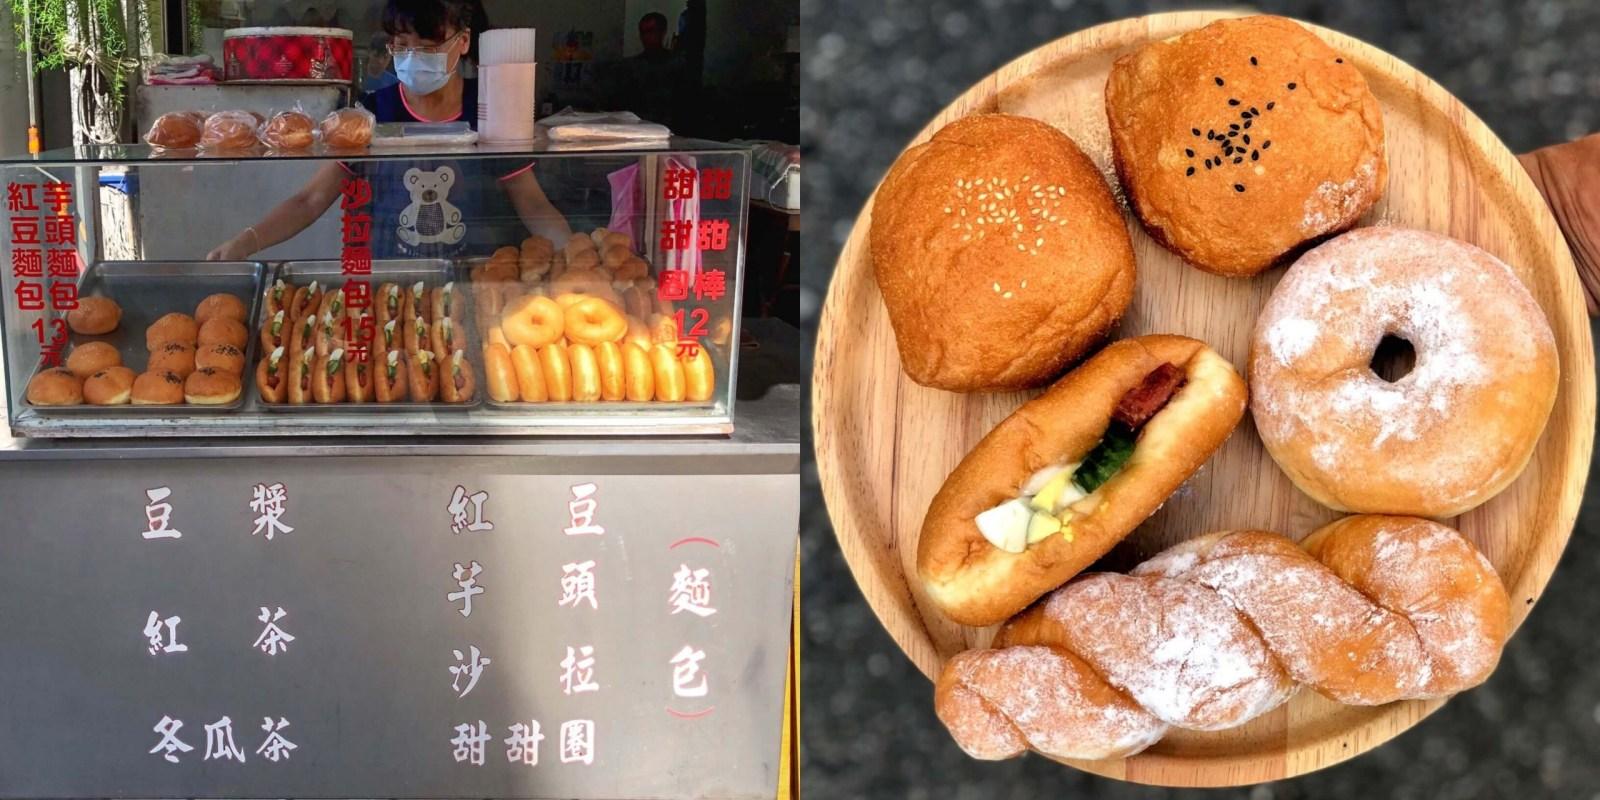 【台南美食】三官路手工包子饅頭 在地人推薦!沒有招牌卻有超高人氣的銅板點心